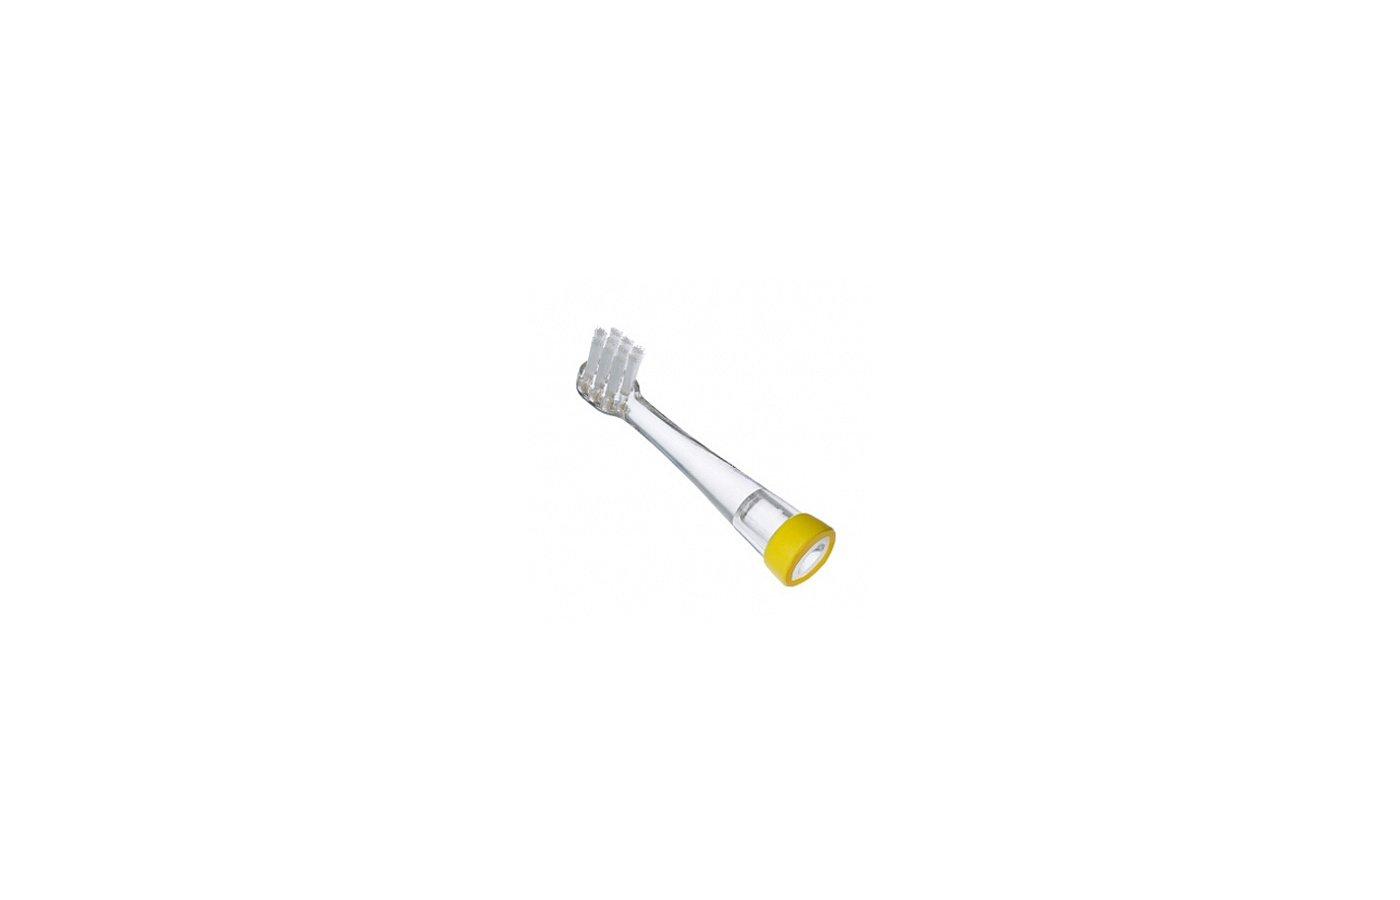 Насадки для эл. зубных щеток CS Medica SP-51 для з/щетки CS-561 (2шт.)